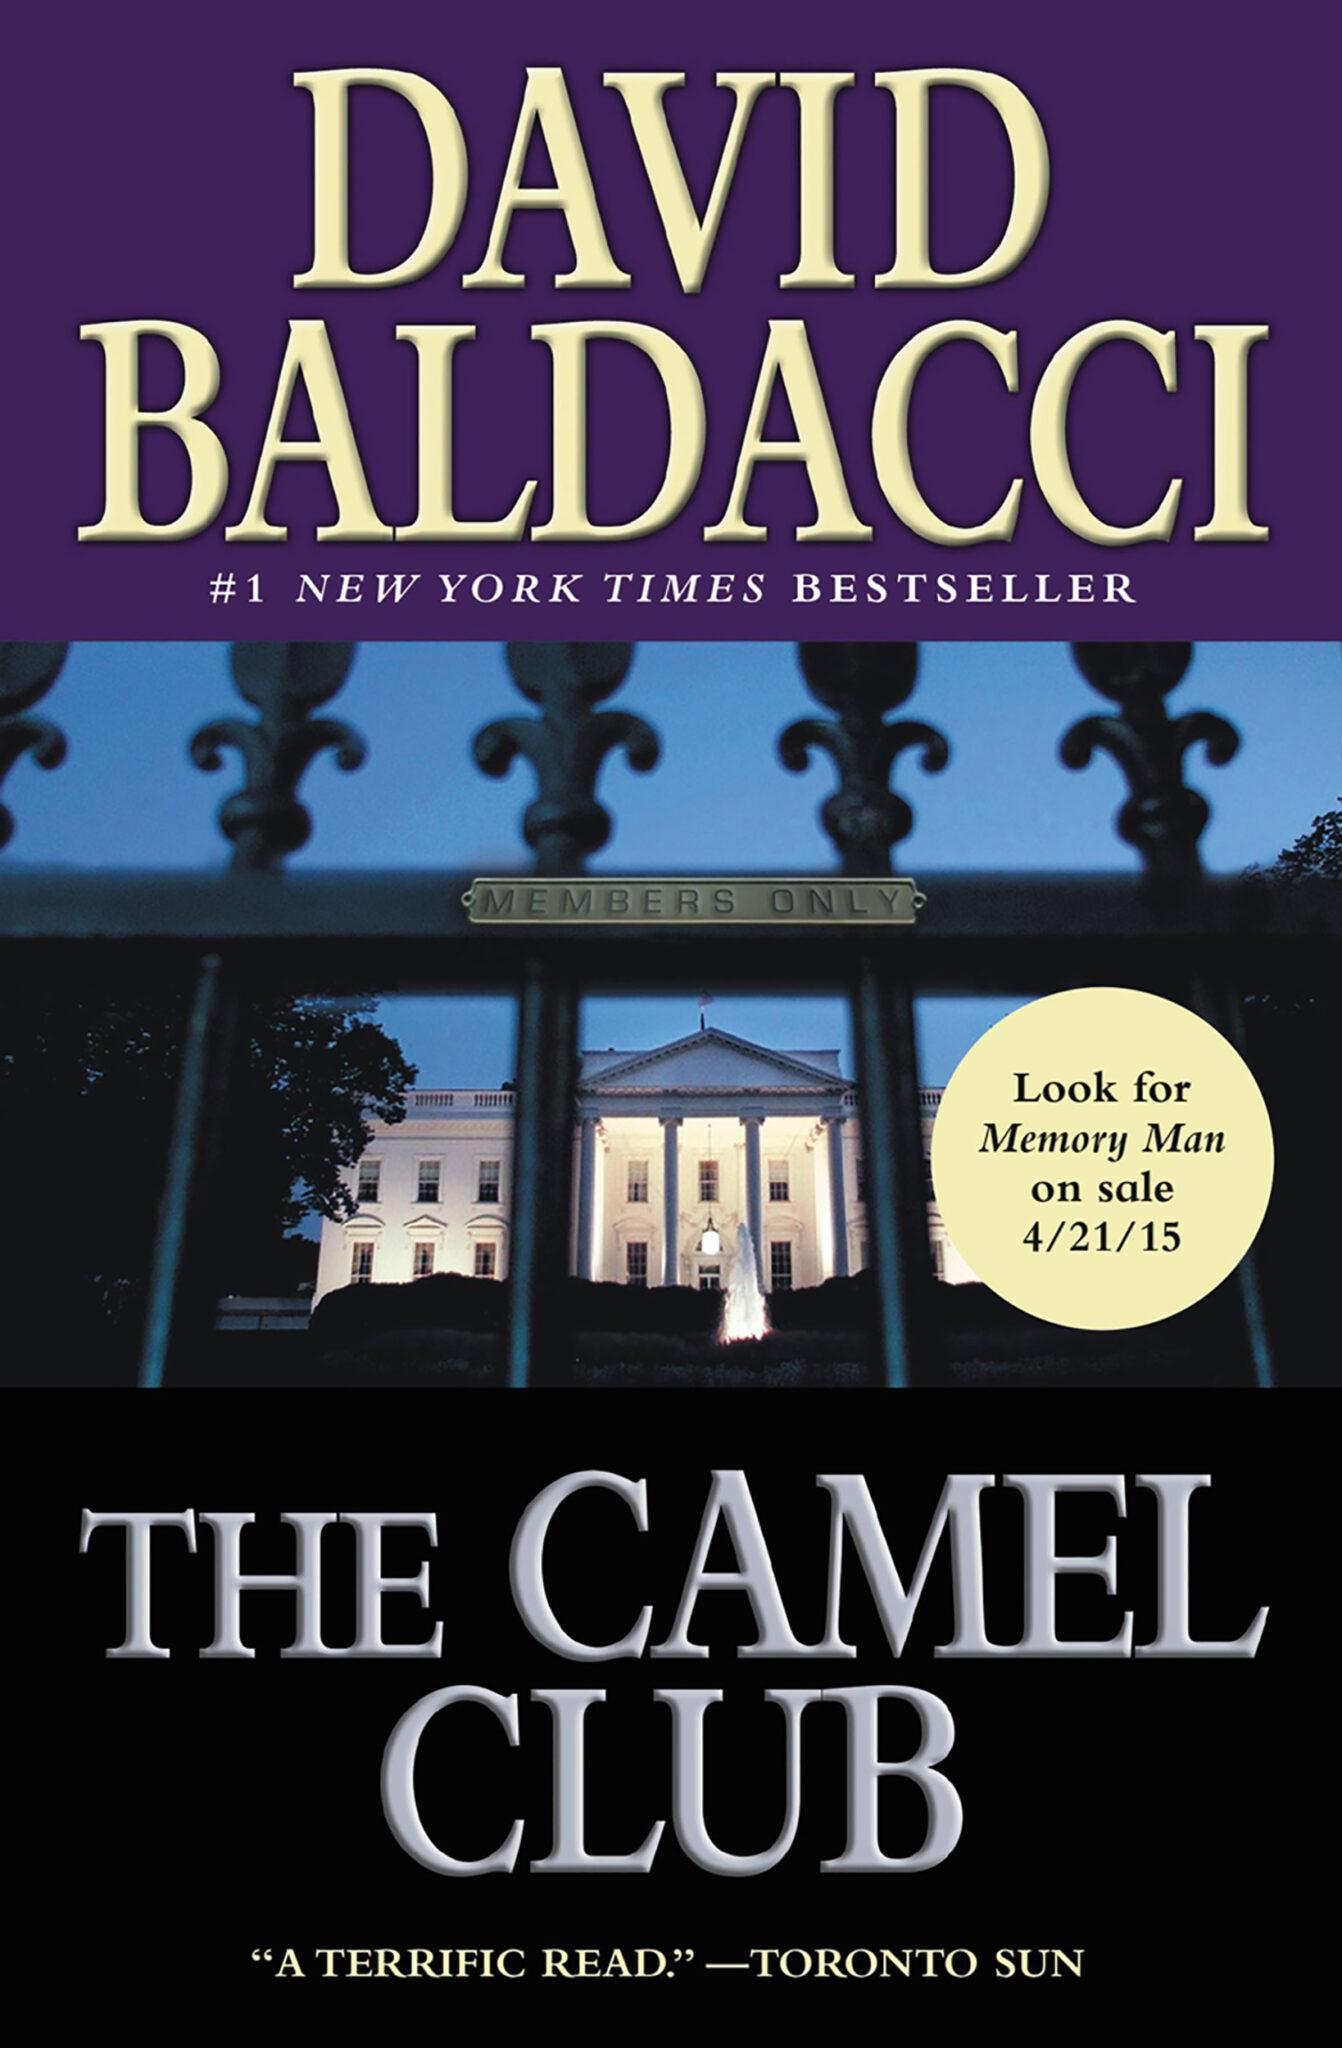 David Baldacci books 13